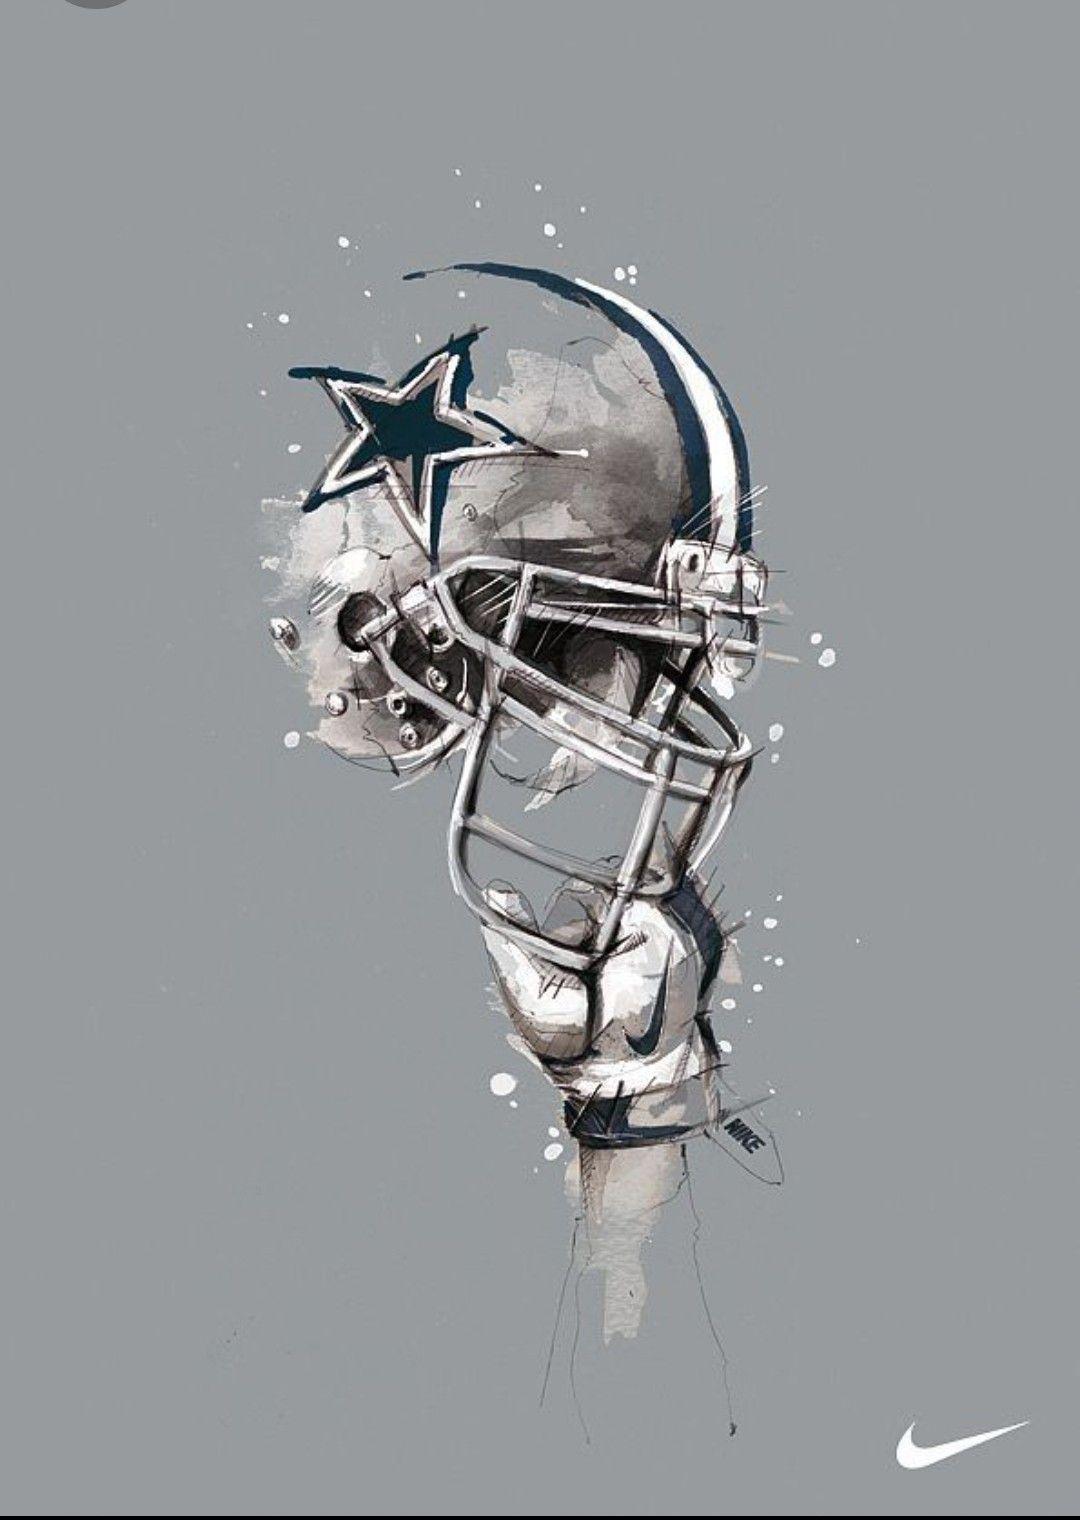 Pin By Diego Currlin Pimenta On Dallas Cowboys Dallas Cowboys Wallpaper Dallas Cowboys Images Dallas Cowboys Fans